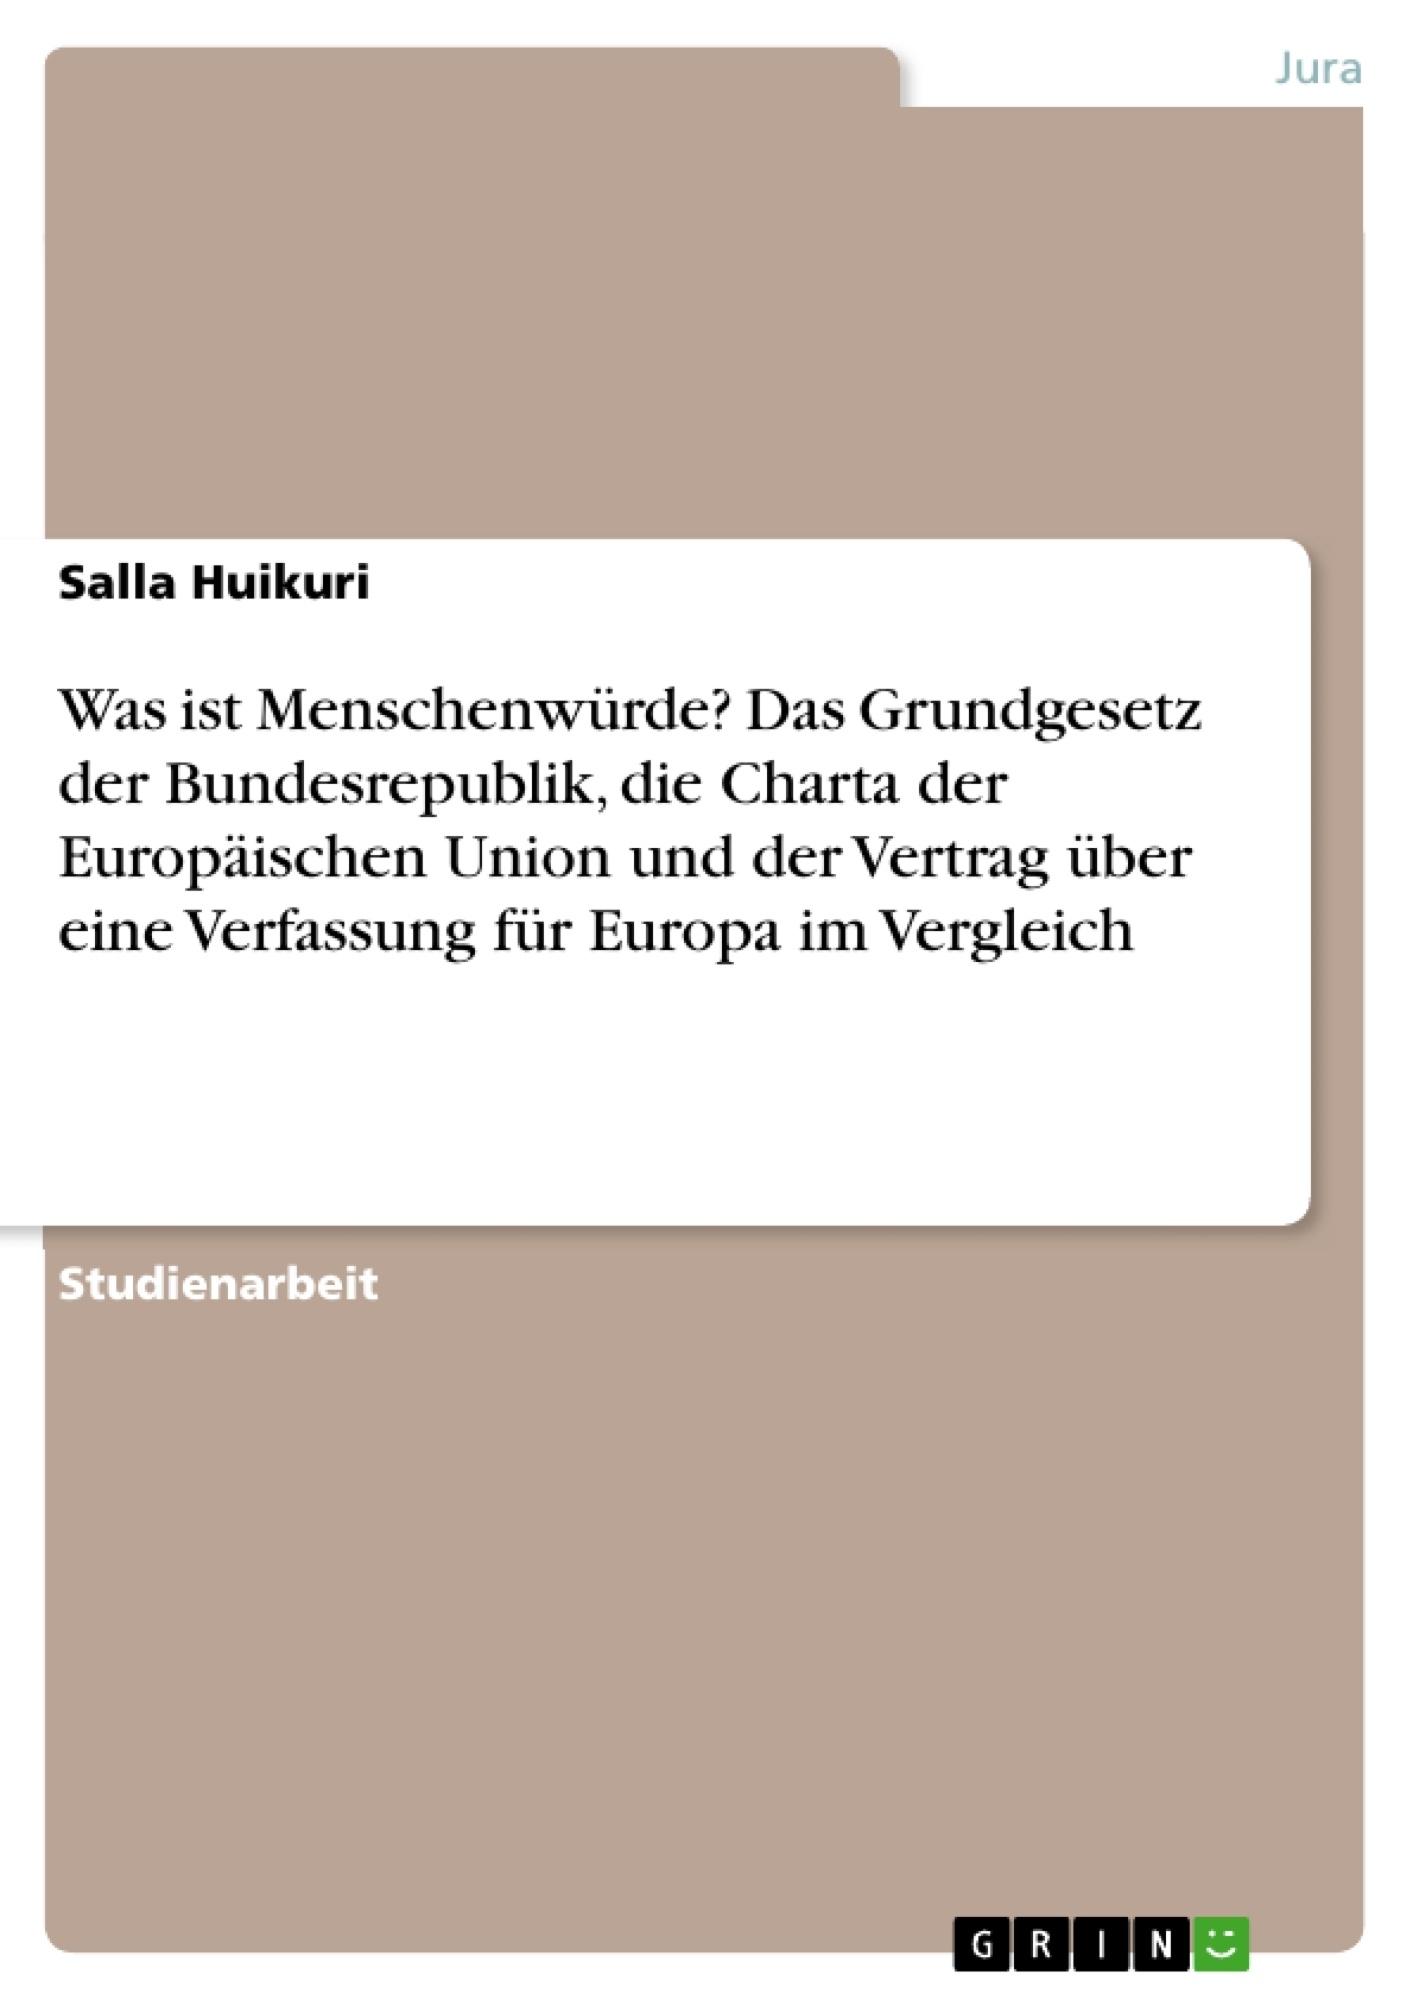 Titel: Was ist Menschenwürde? Das Grundgesetz der Bundesrepublik, die Charta der Europäischen Union und der Vertrag über eine Verfassung für Europa im Vergleich